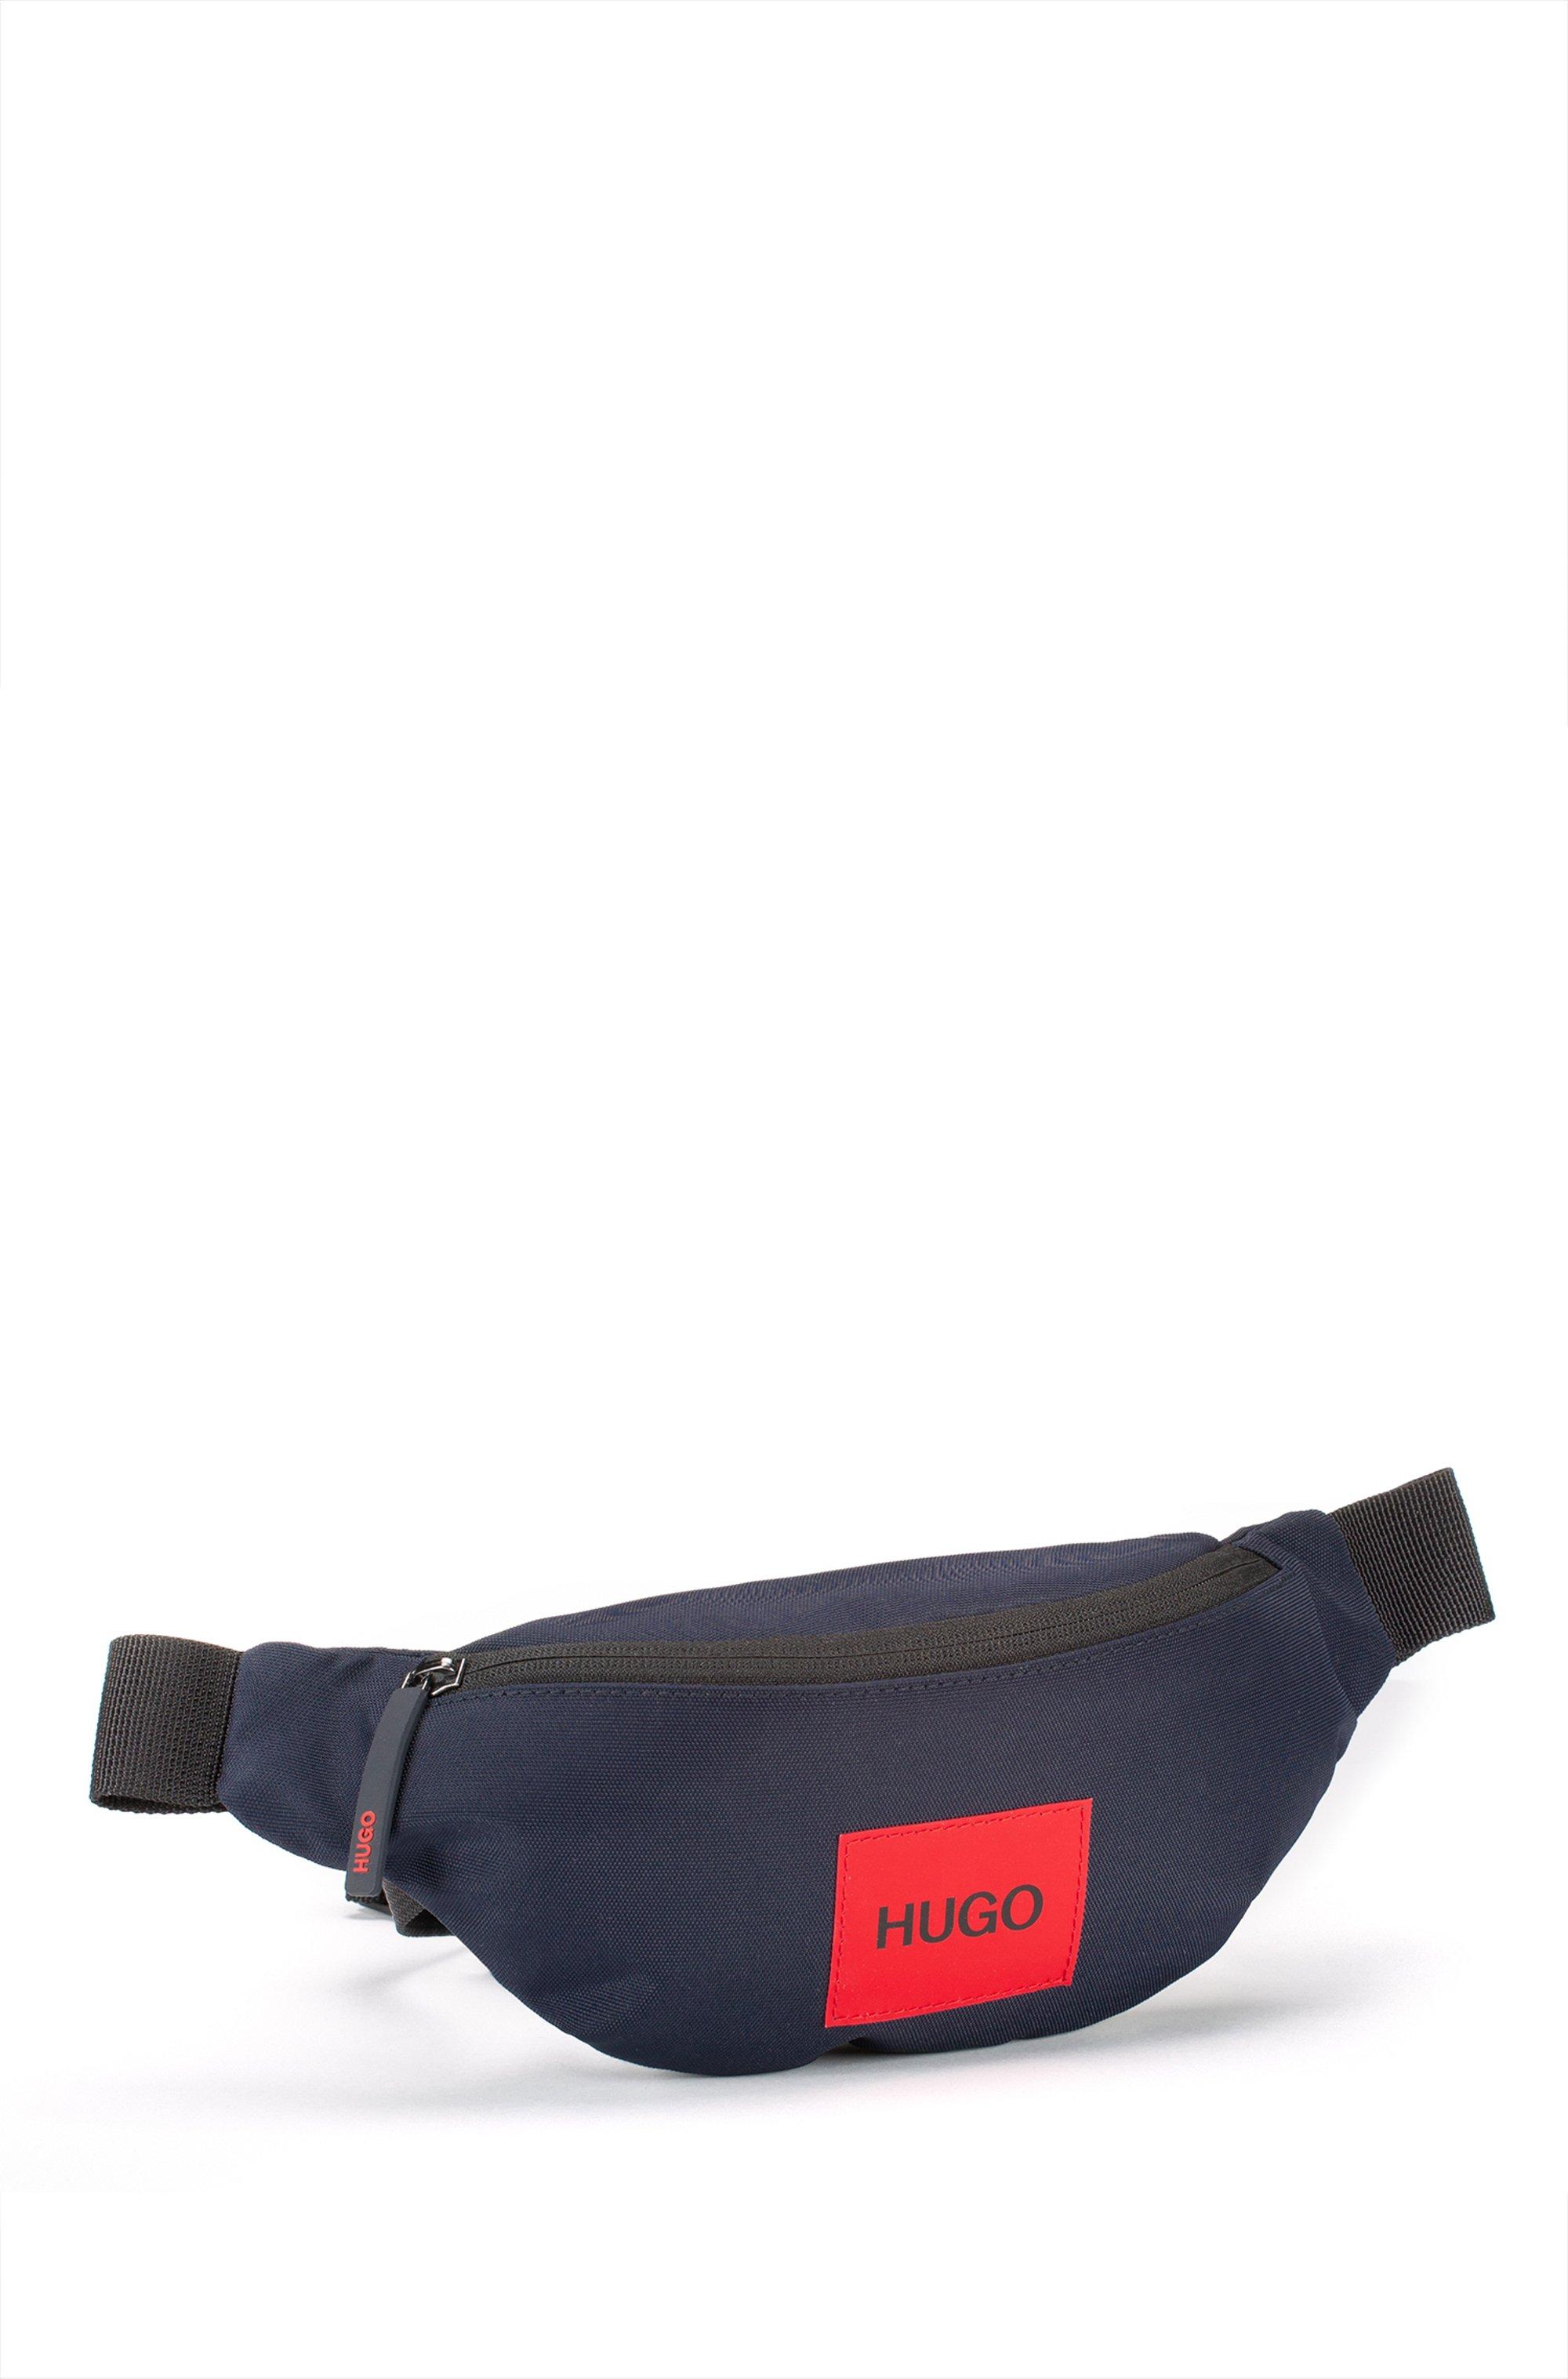 Marsupio in tessuto tecnico riciclato con etichetta con logo rossa